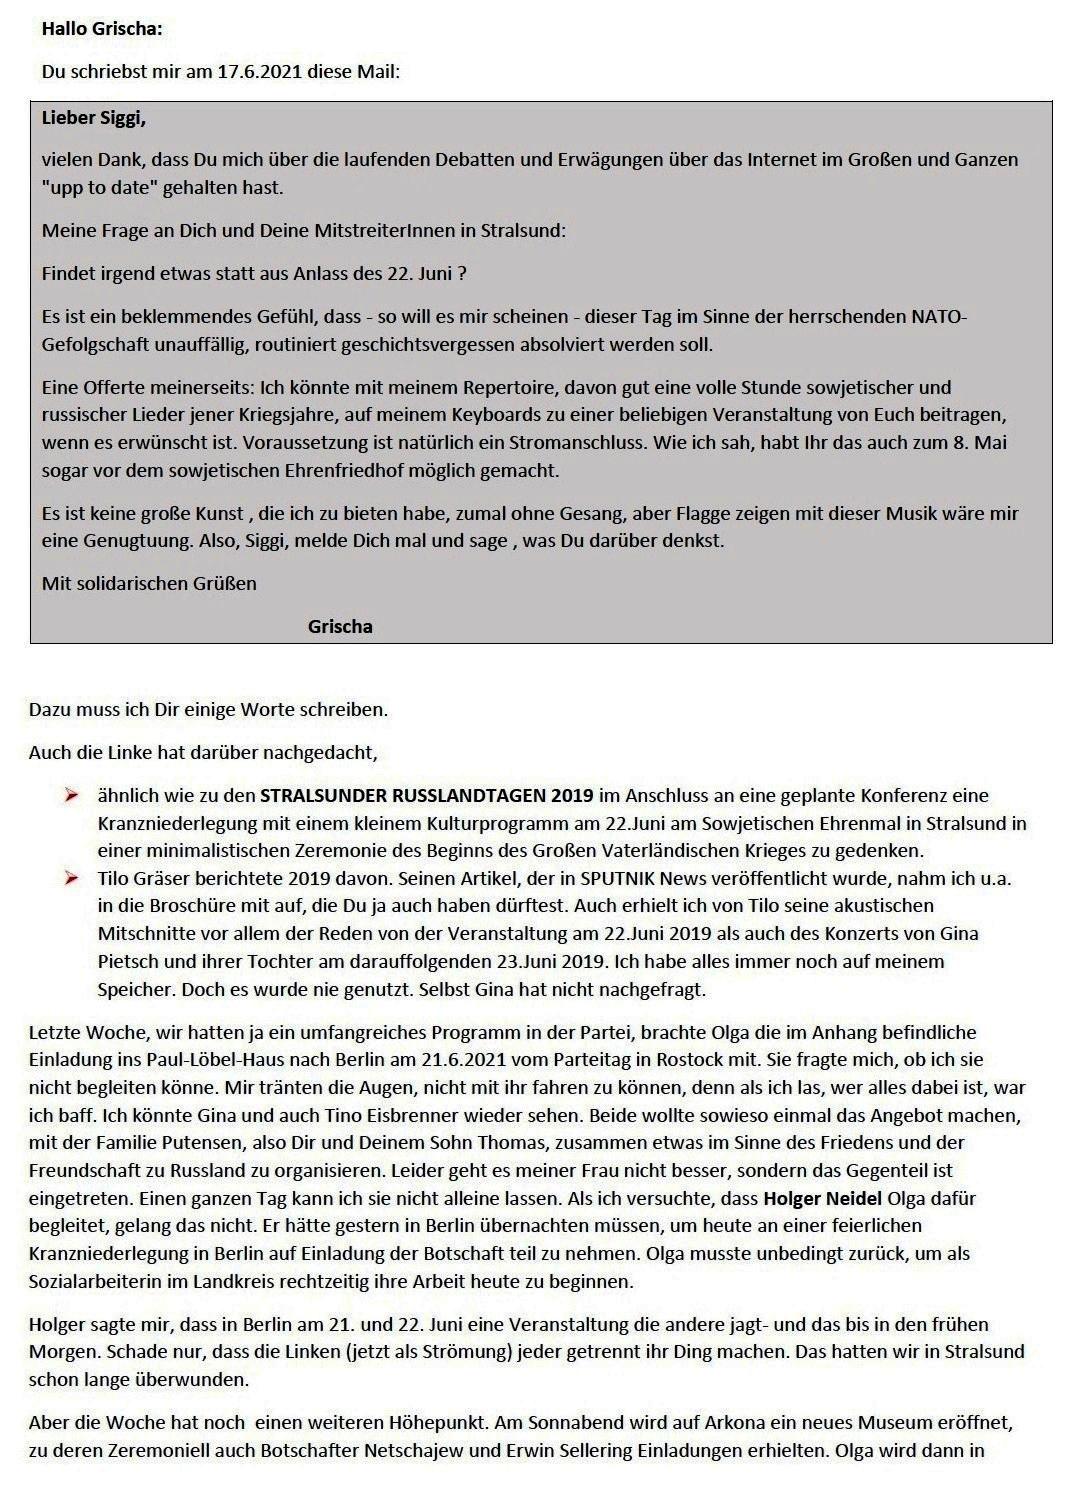 E-Mail an Grischa - Aus dem Posteingang von Siefried Dienel vom 23.06.2021 -  Abschnitt 1